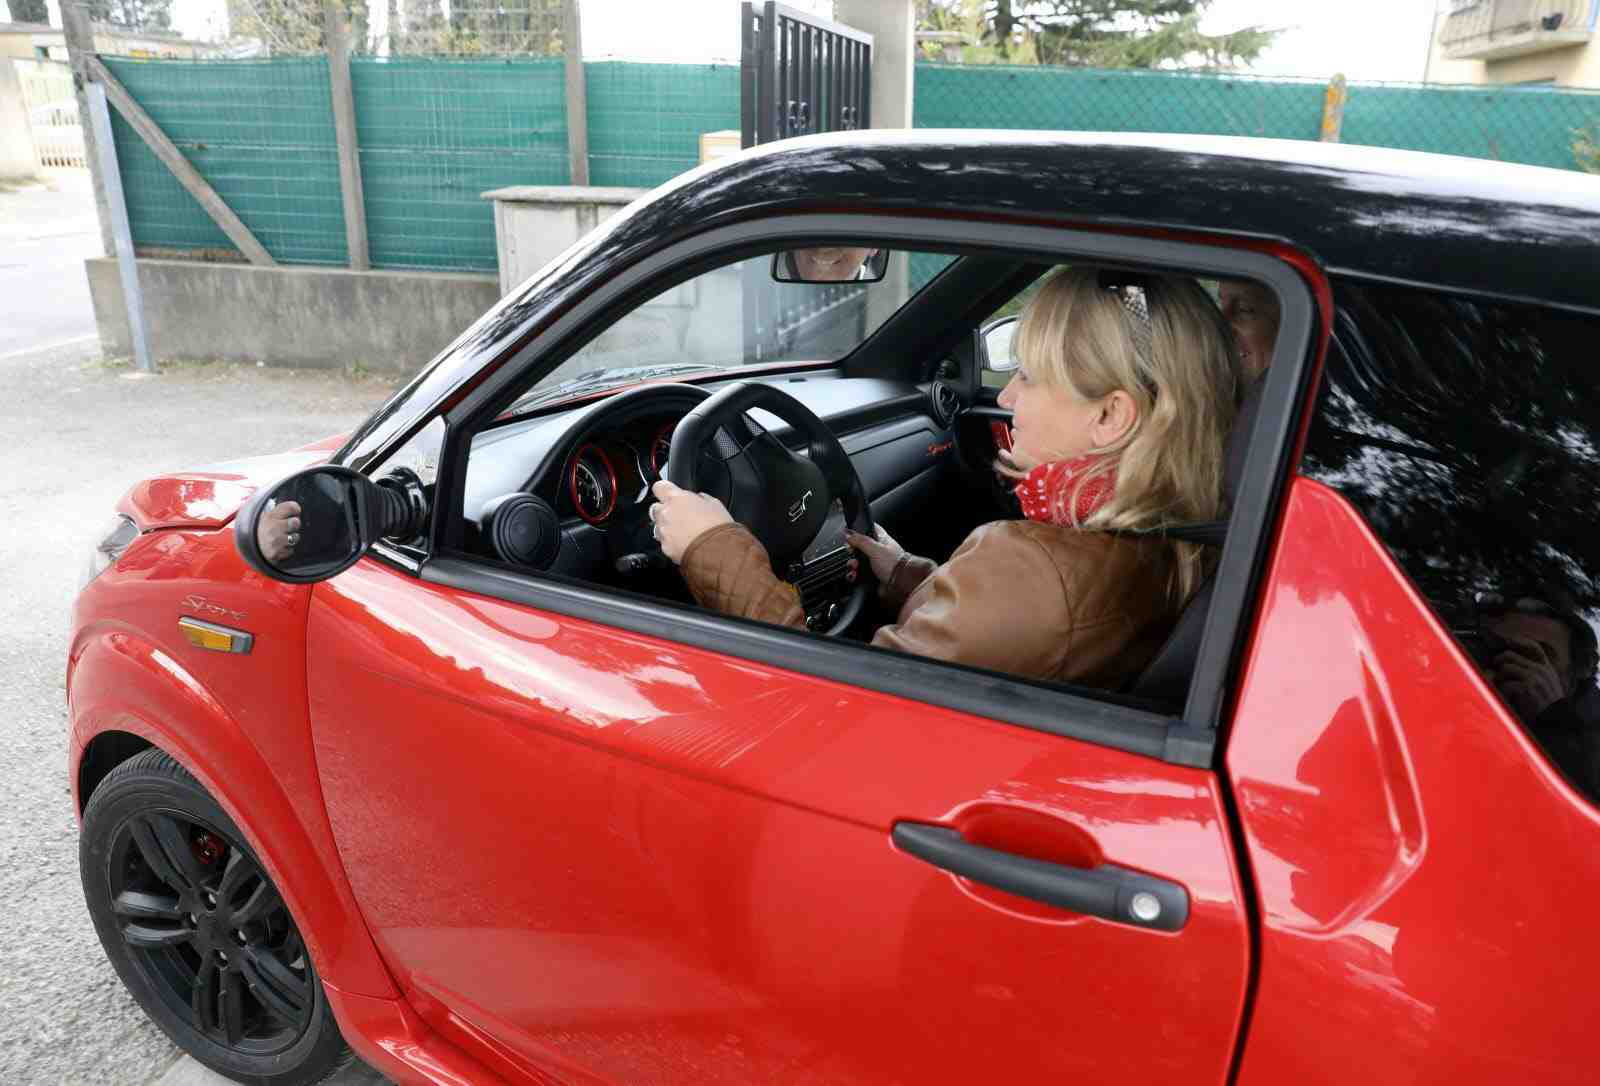 Puis-je emprunter ma voiture à un ami?